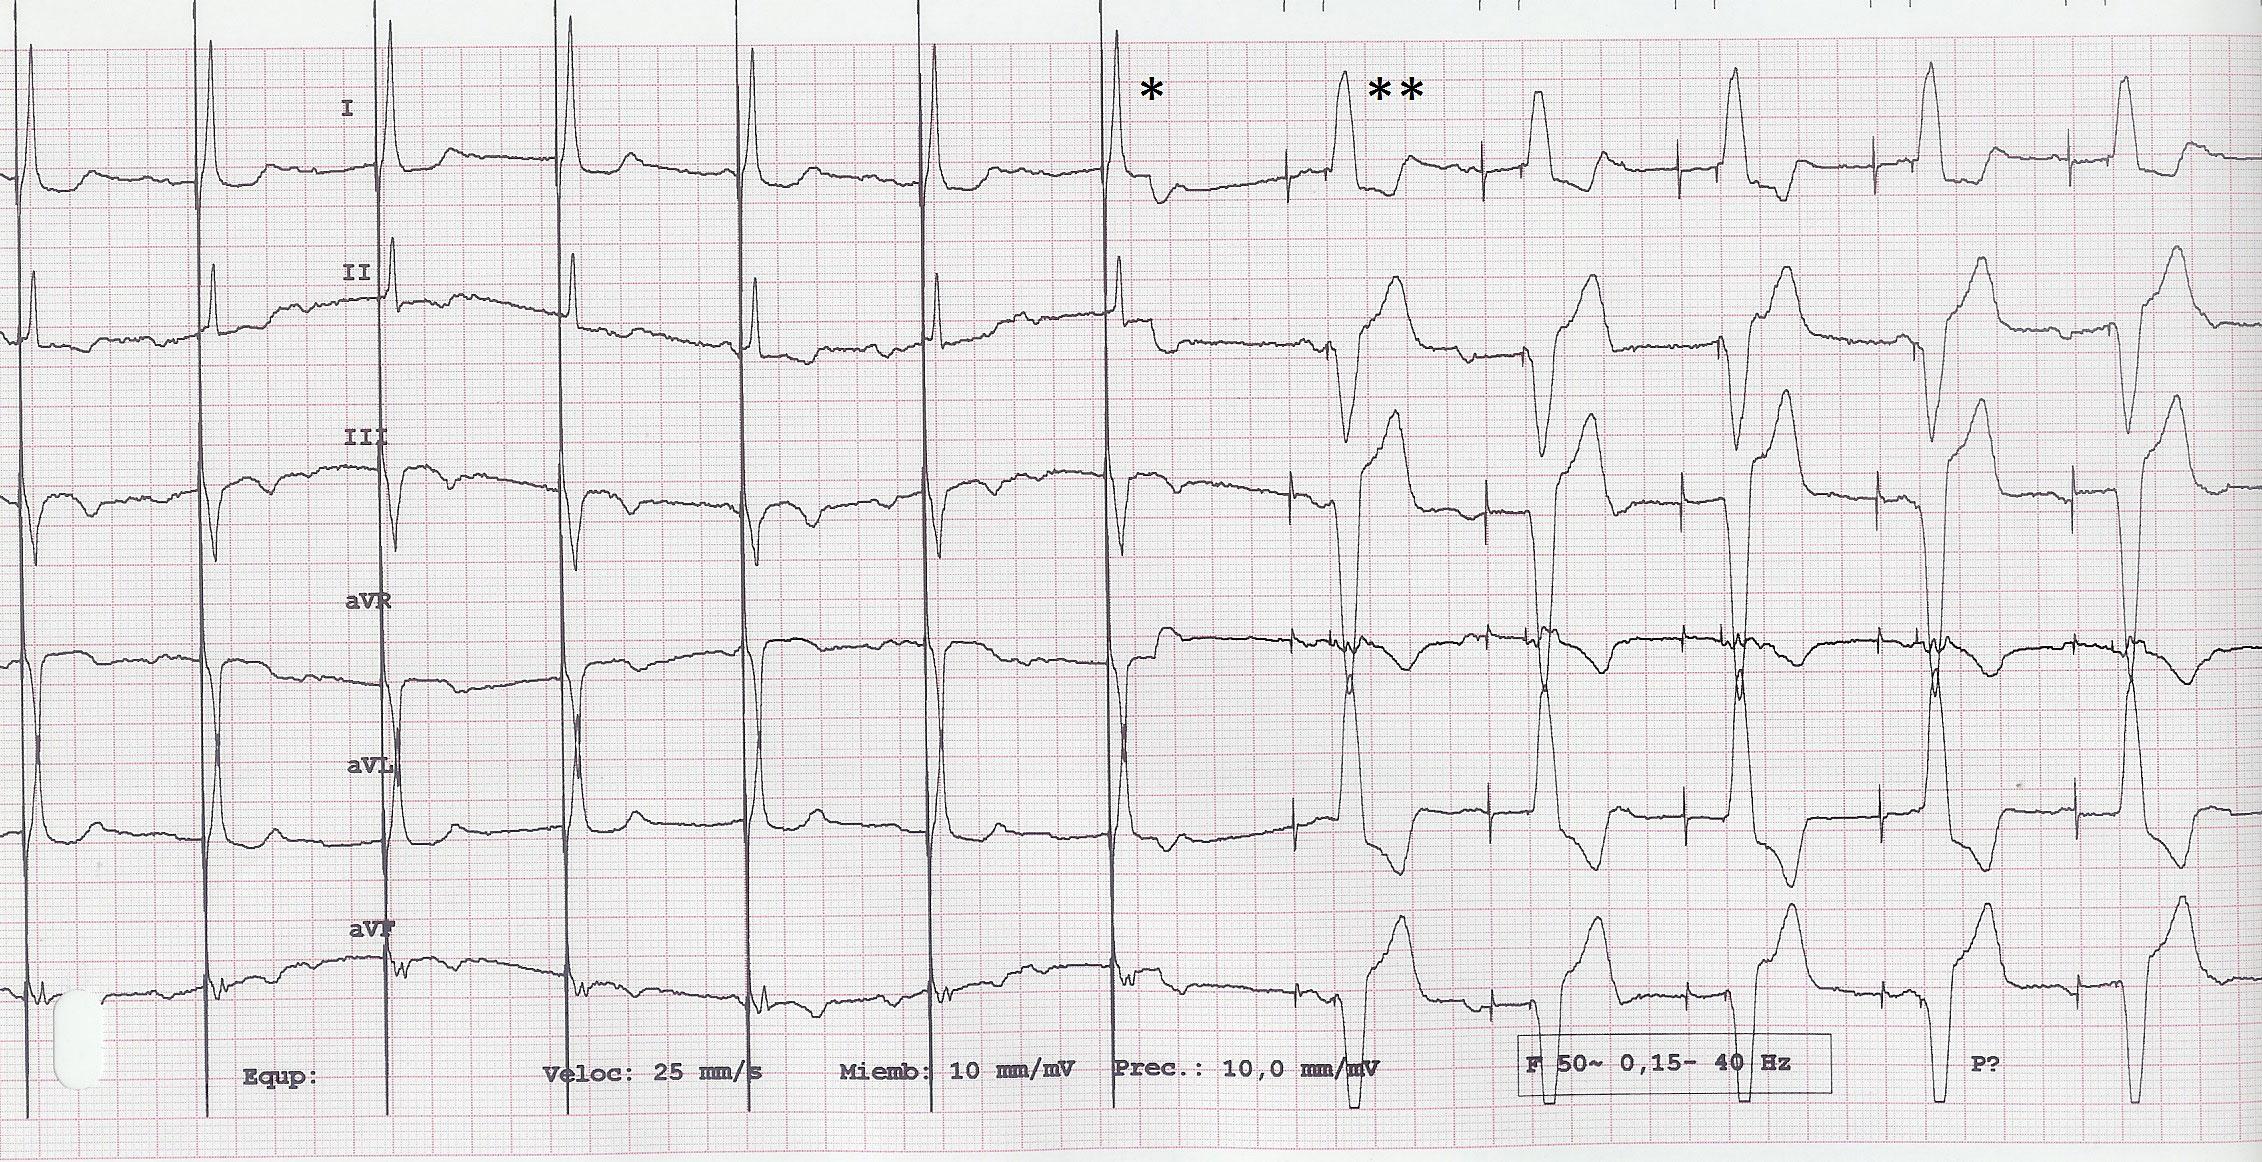 FIGURA 3: ECG correspondiente a la última revisión. Marcapasos DDDR con AV de 200ms. Hasta * la estimulación en His, provoca complejo de fusión, que inhibe la estimulación ventricular. A partir de **, se pierde la captura hisiana, apareciendo 200 ms después la estimulación en ápex de VD. Se objetivan ondas P. (ver texto)